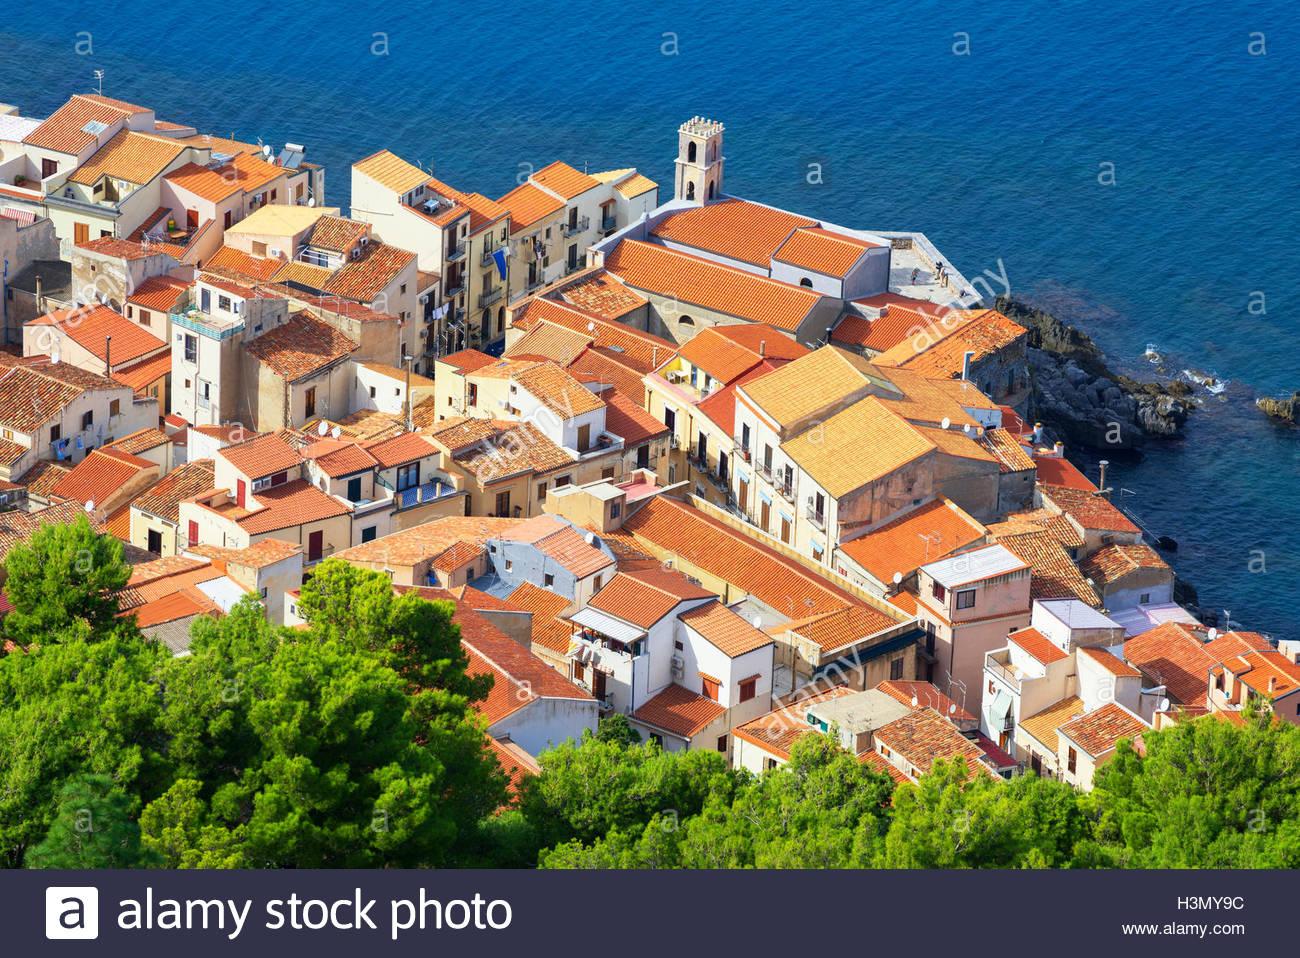 Un alto ángulo de visualización de Cefalu techos de terracota y costa de La Rocca, Sicilia, Italia Imagen De Stock